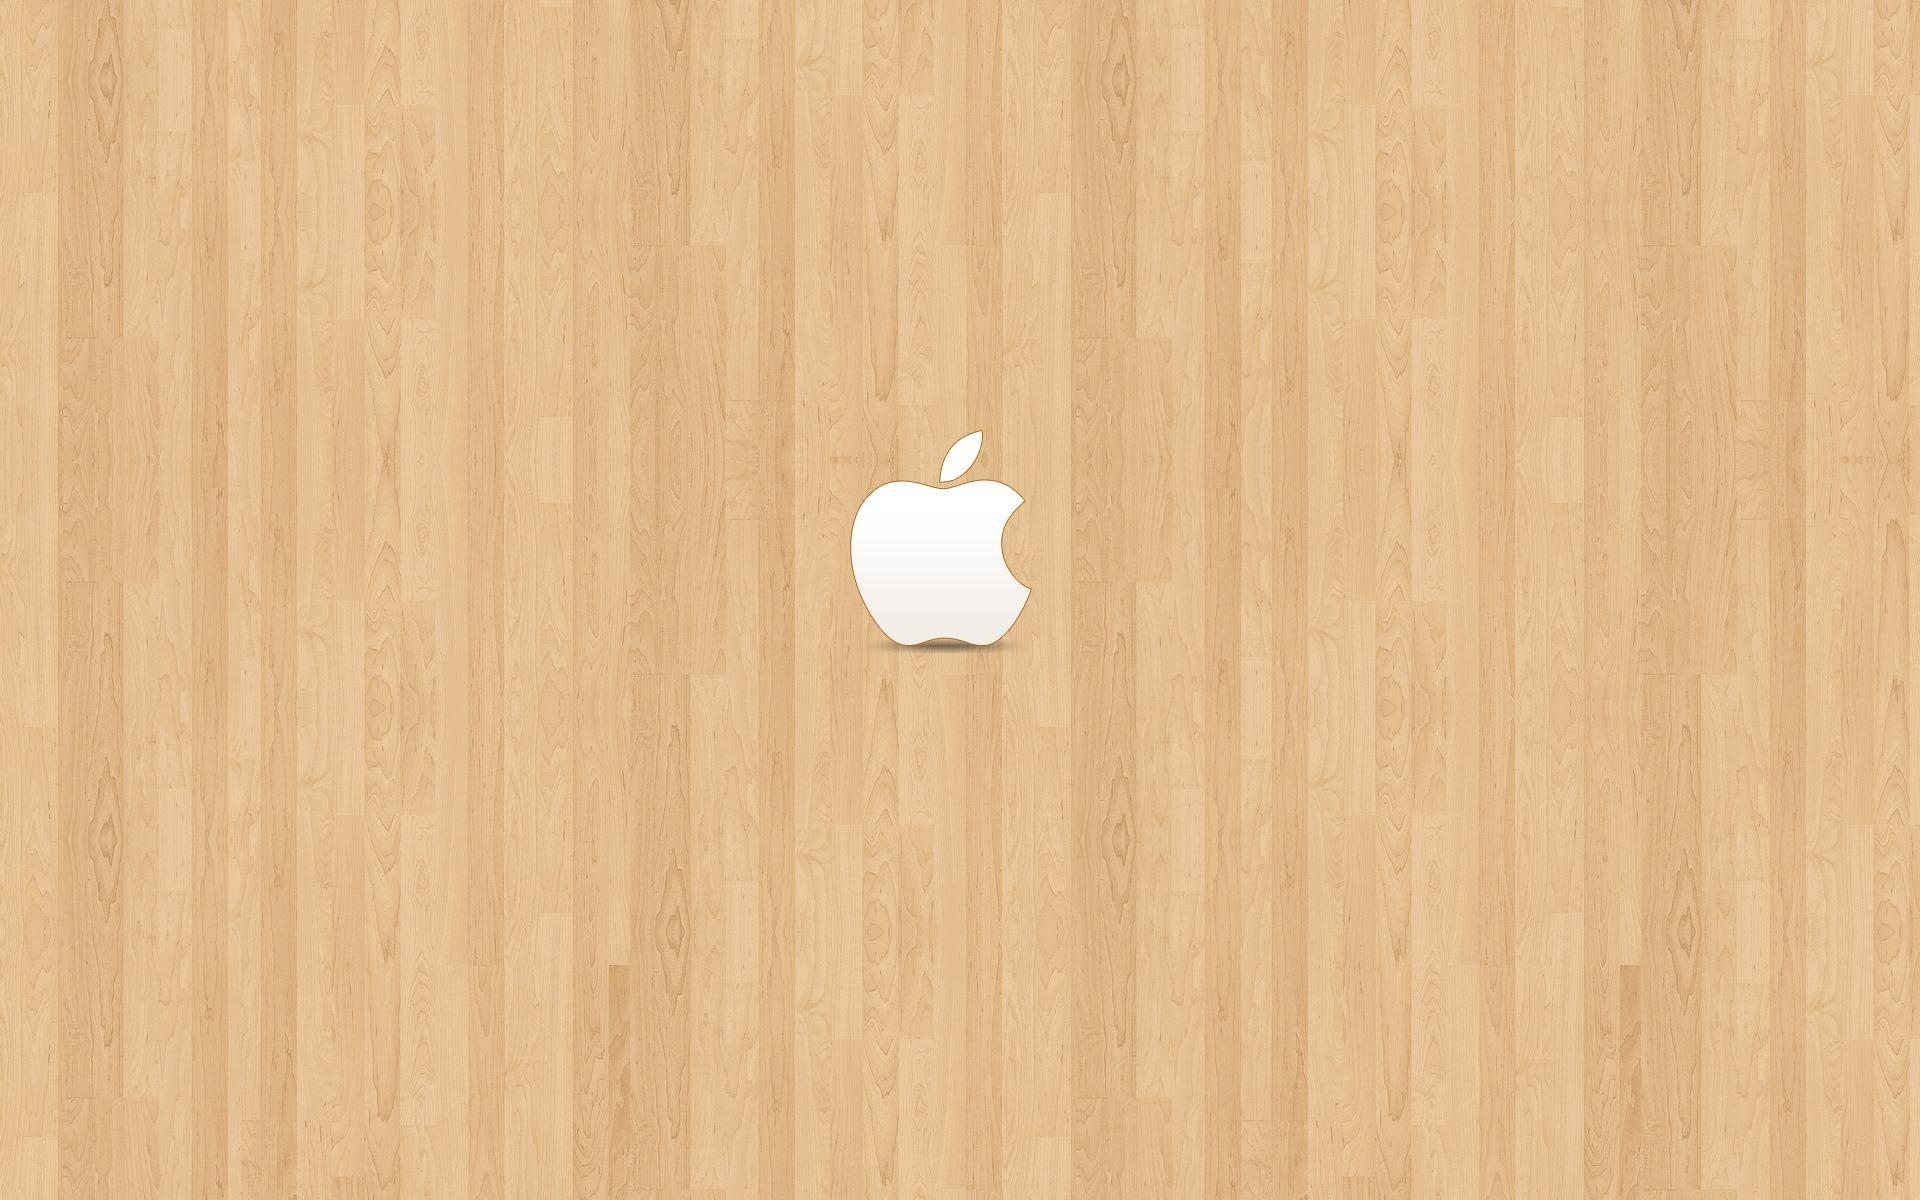 Apple on light brown wood